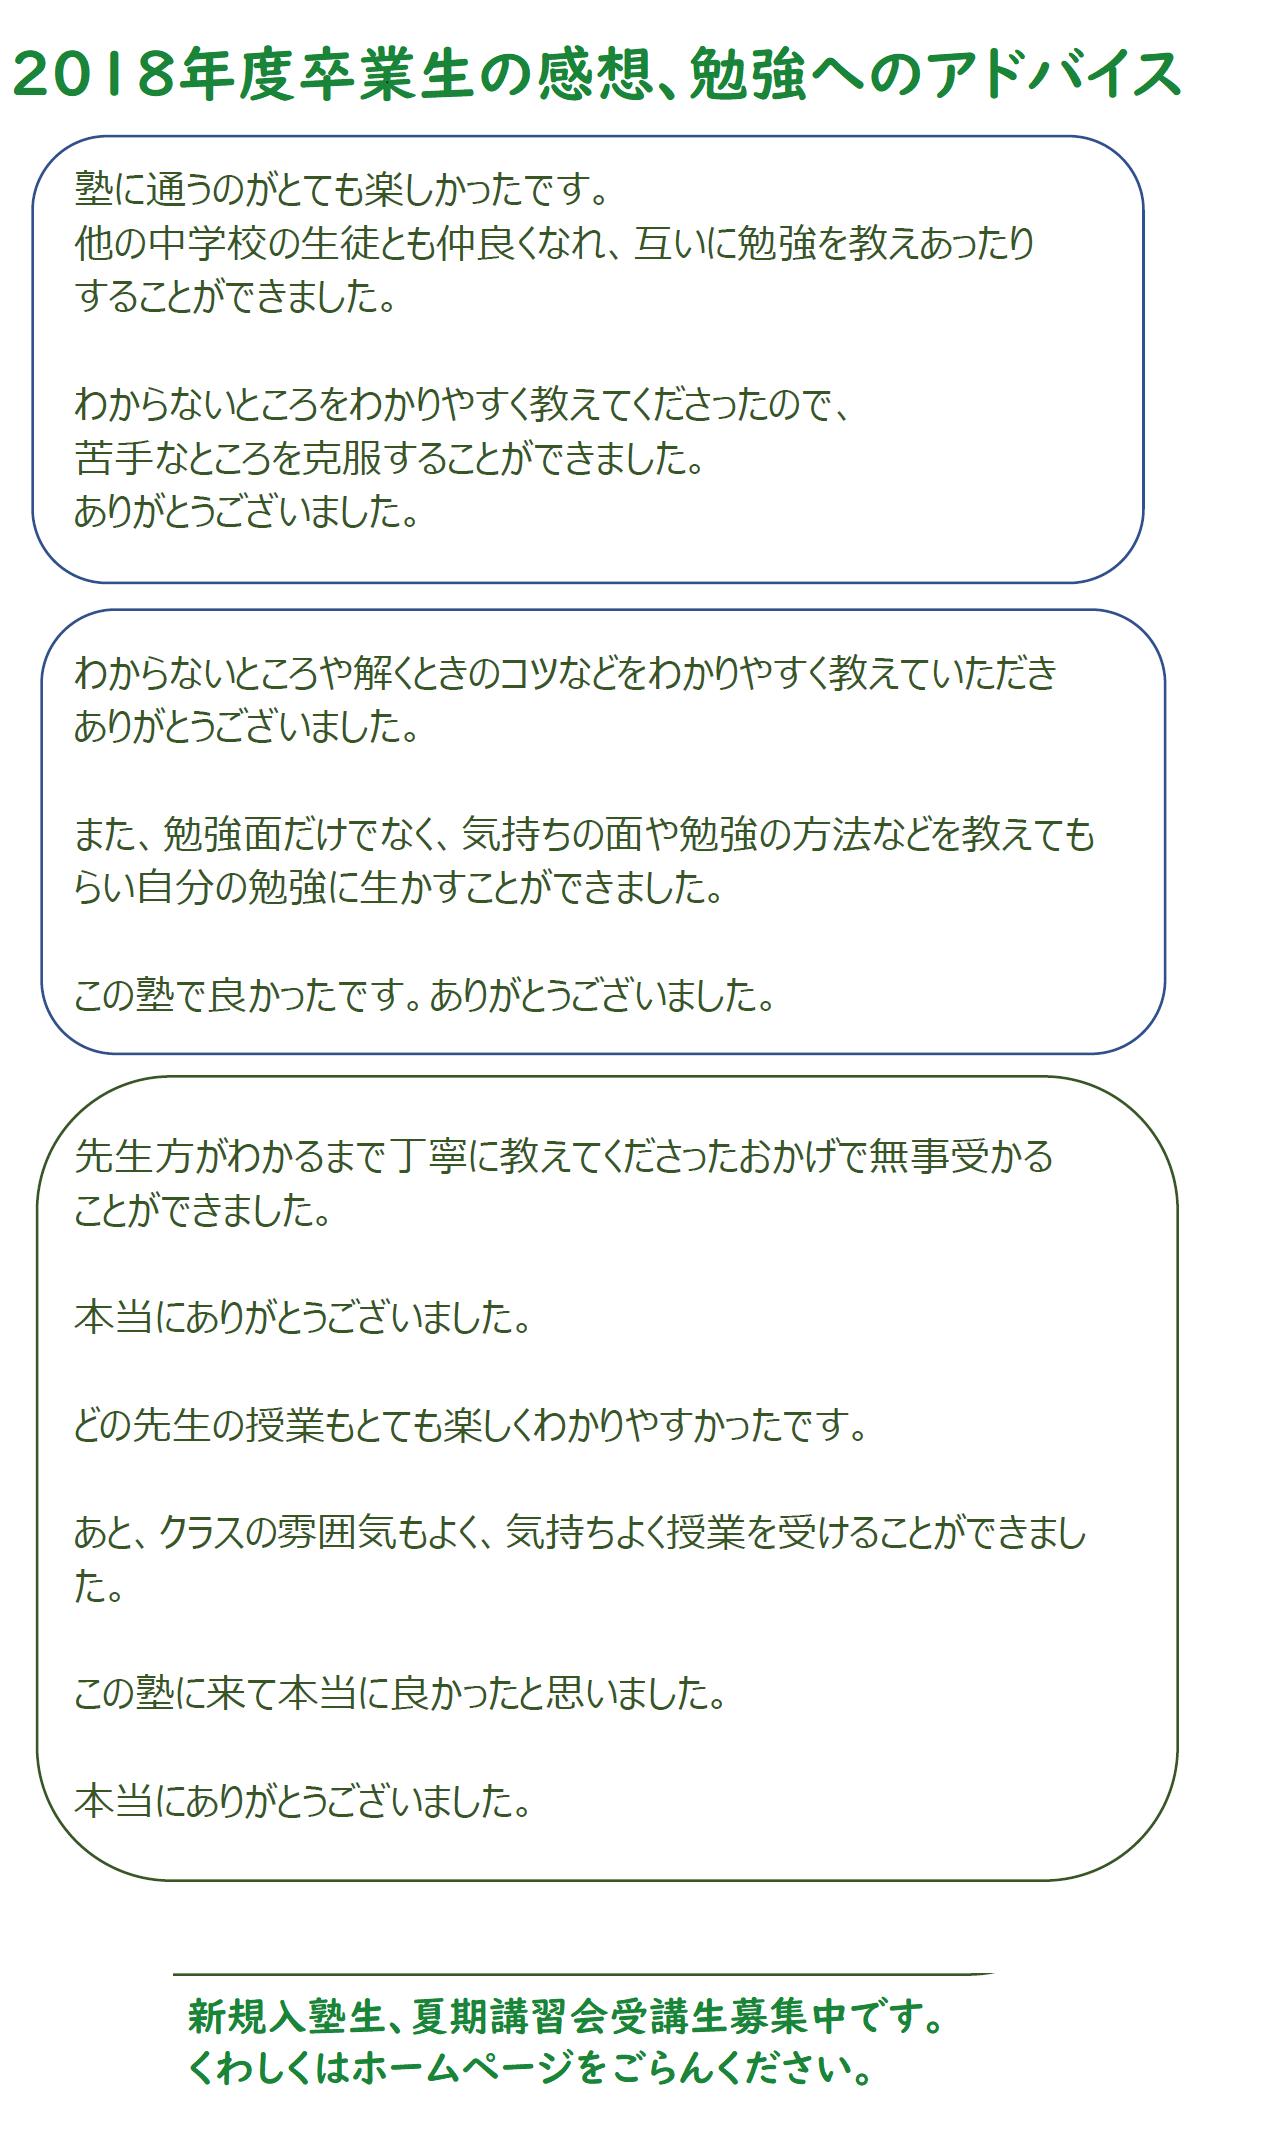 コメント③